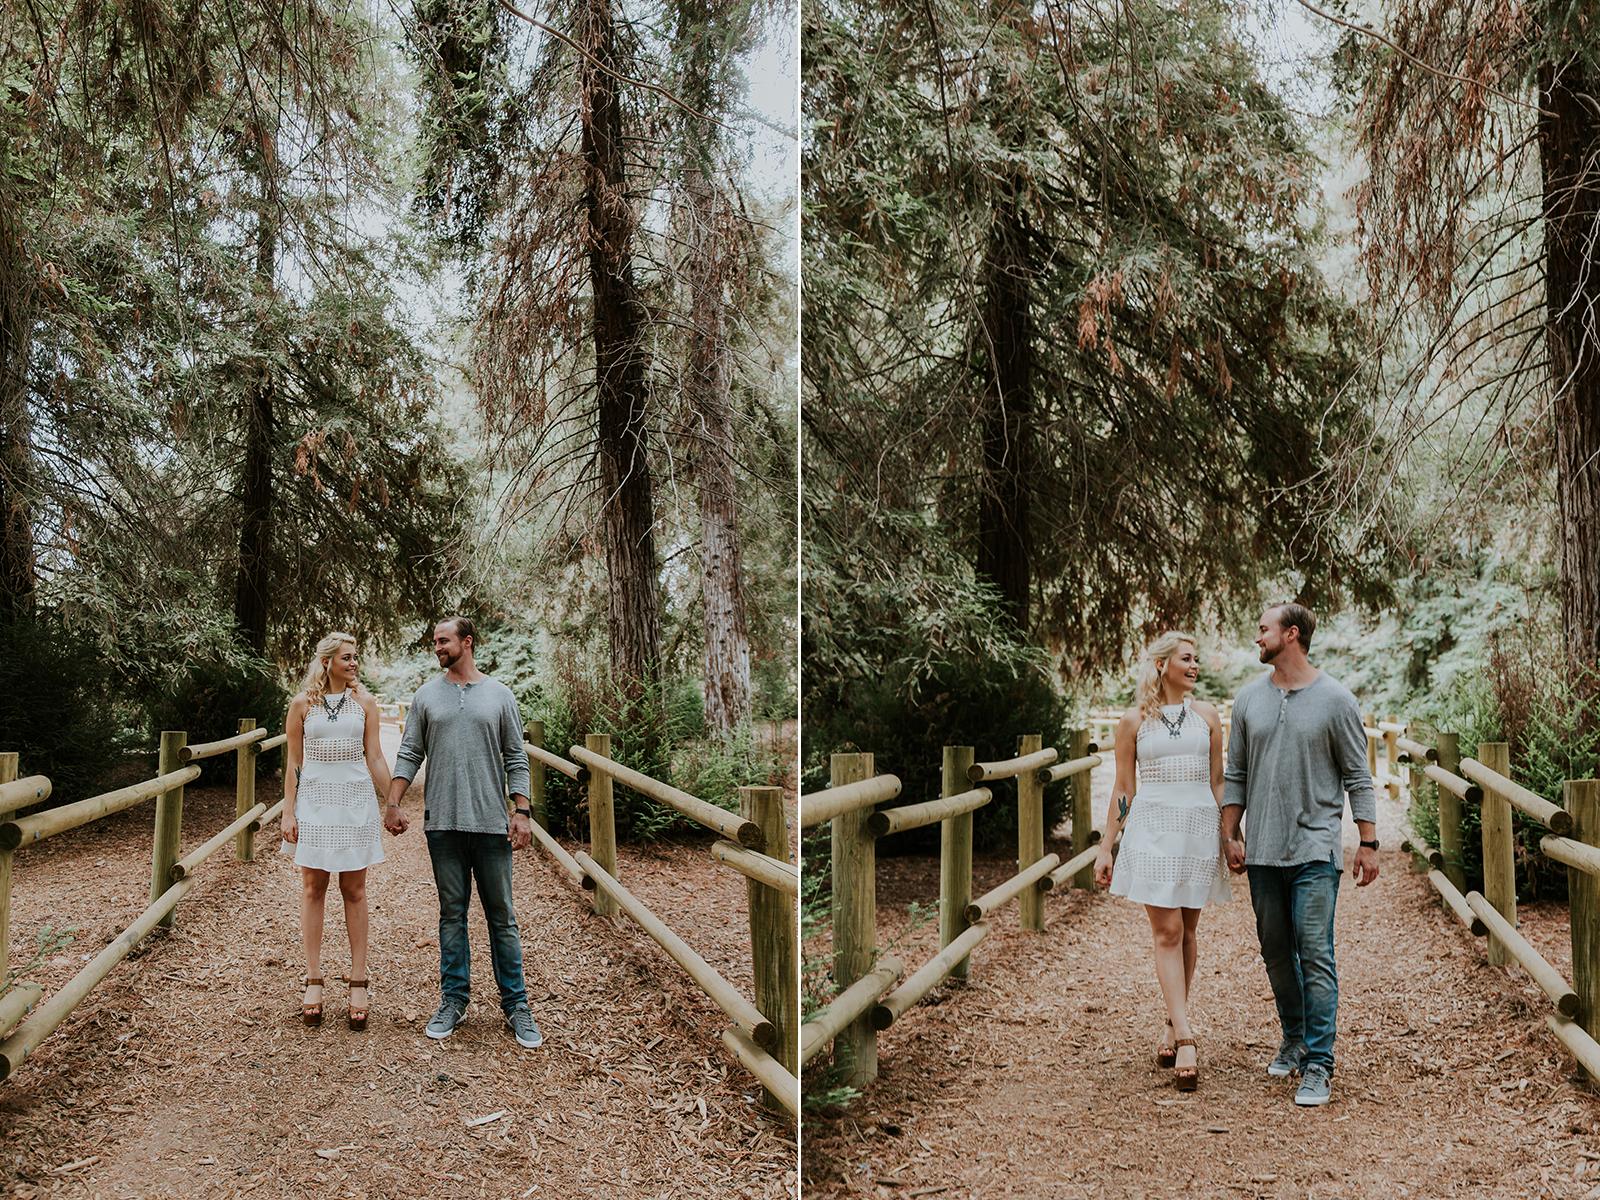 engagement-photographer-orange-county-ca-lauren-nick-1